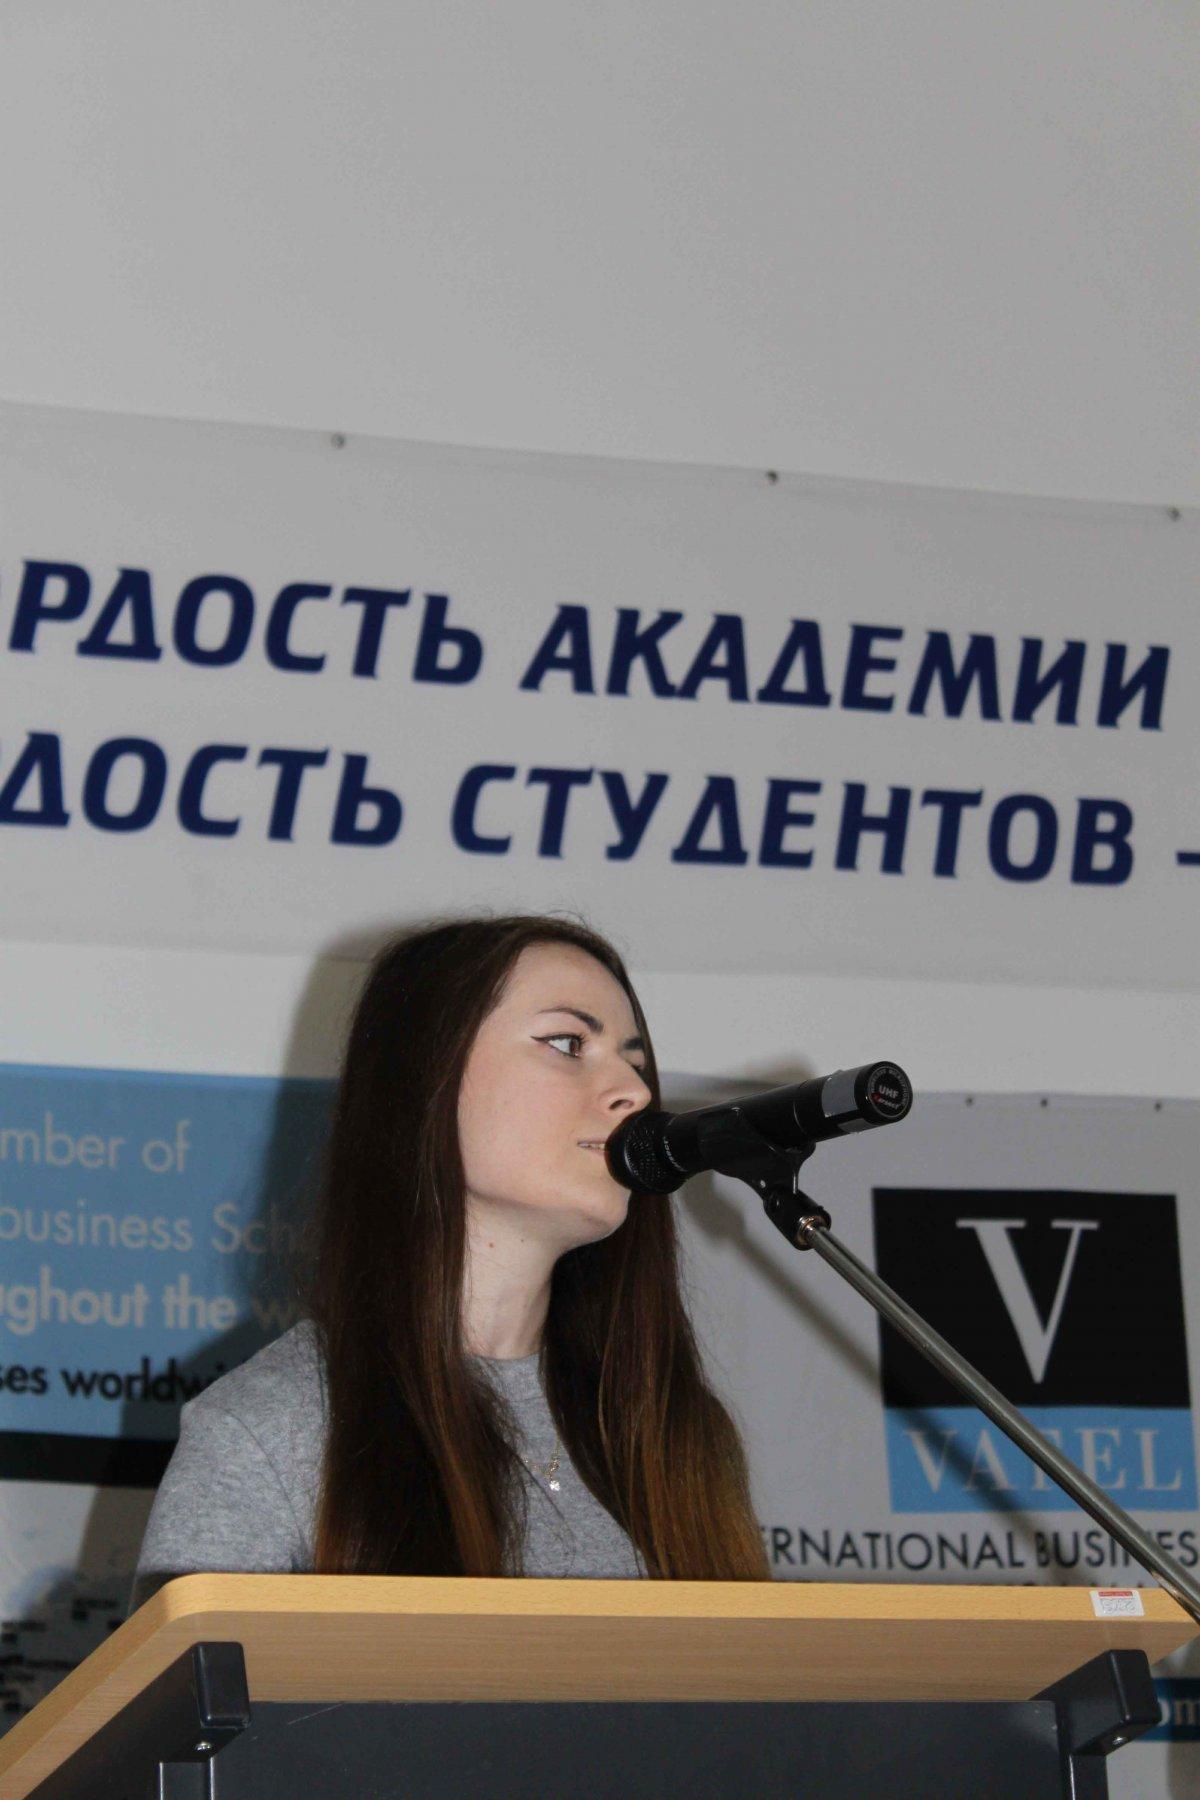 Vatel МОСКВА (Moscow) - Торжественная церемония приема студентов 1-го  курса набор 2017 - 10